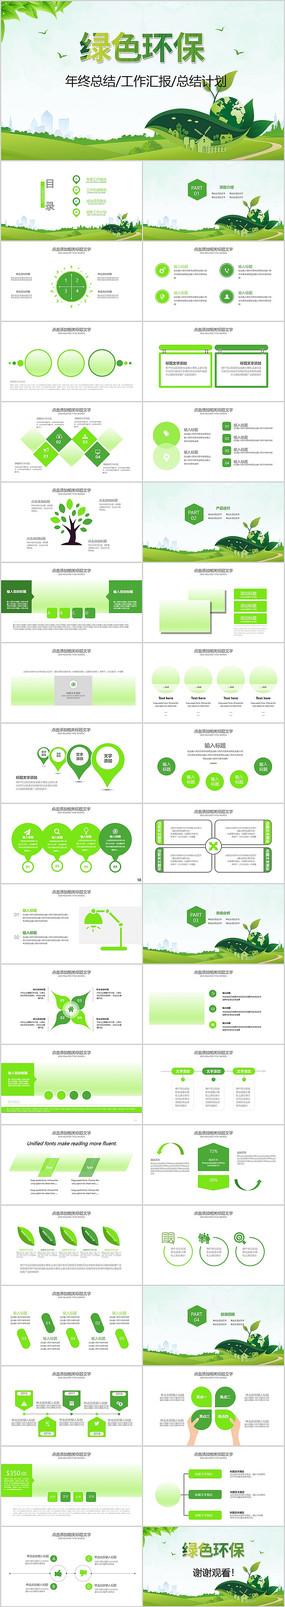 绿色环保工作总结及工作计划动态PPT